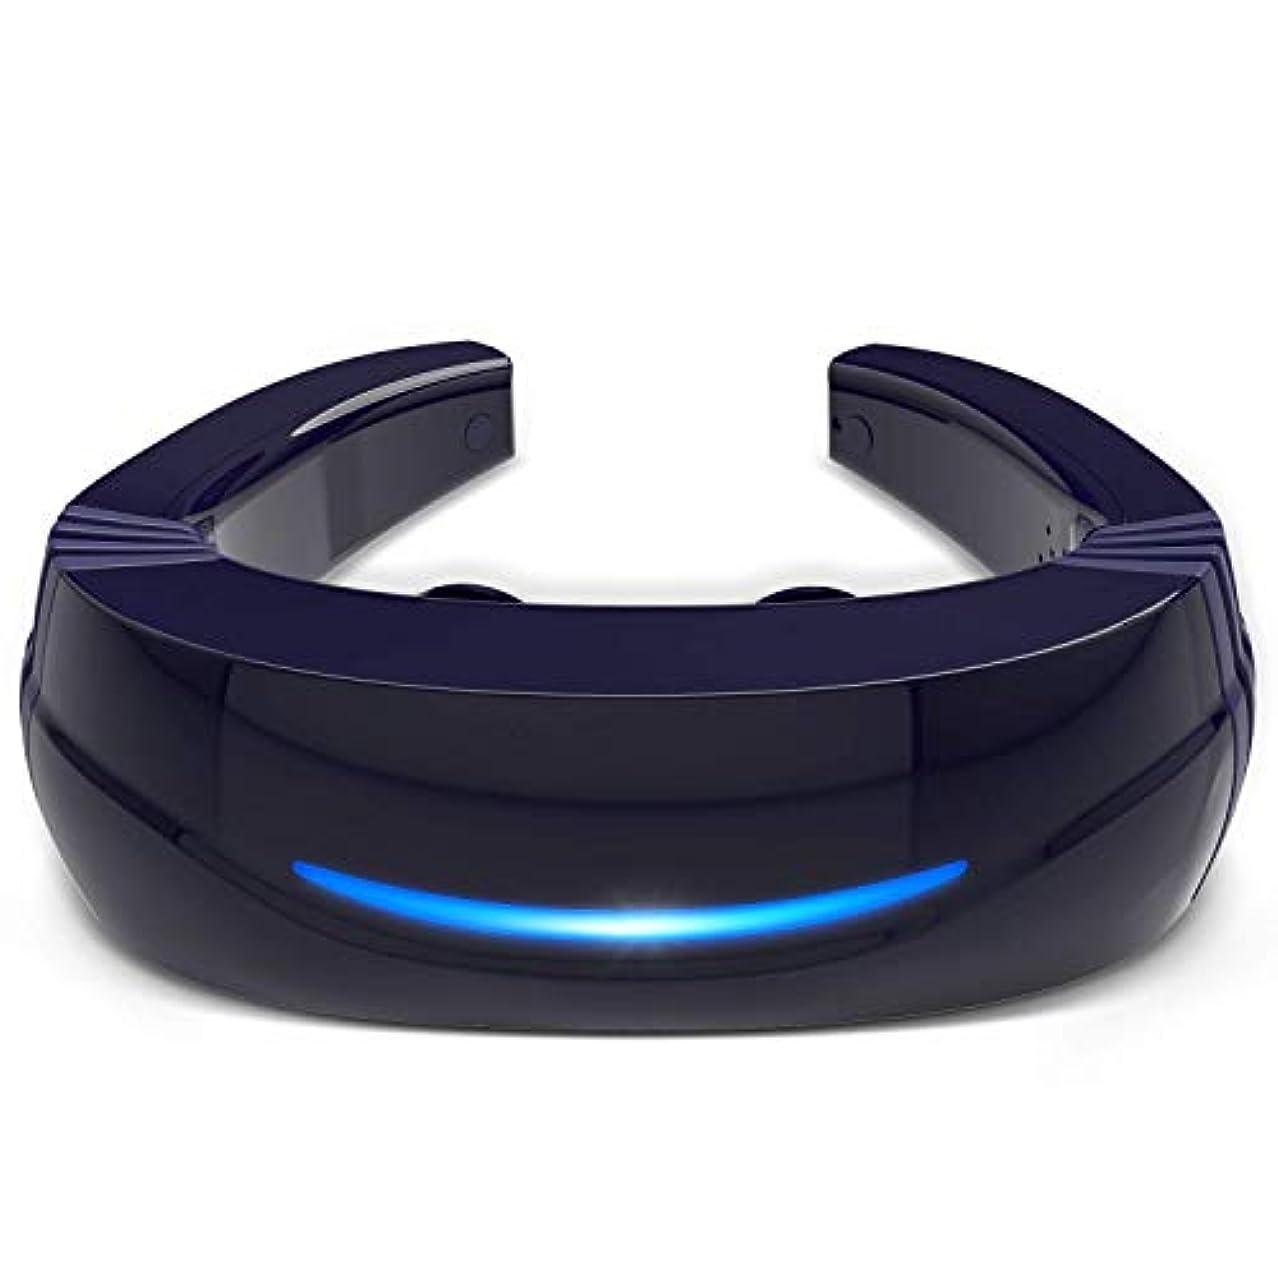 煩わしい蚊適合するHipoo ネックマッサージャー 首マッサージ 低周波 マッサージ器 ストレス解消 USB充電式 日本語説明書 電極パッド2つ付き 音声式